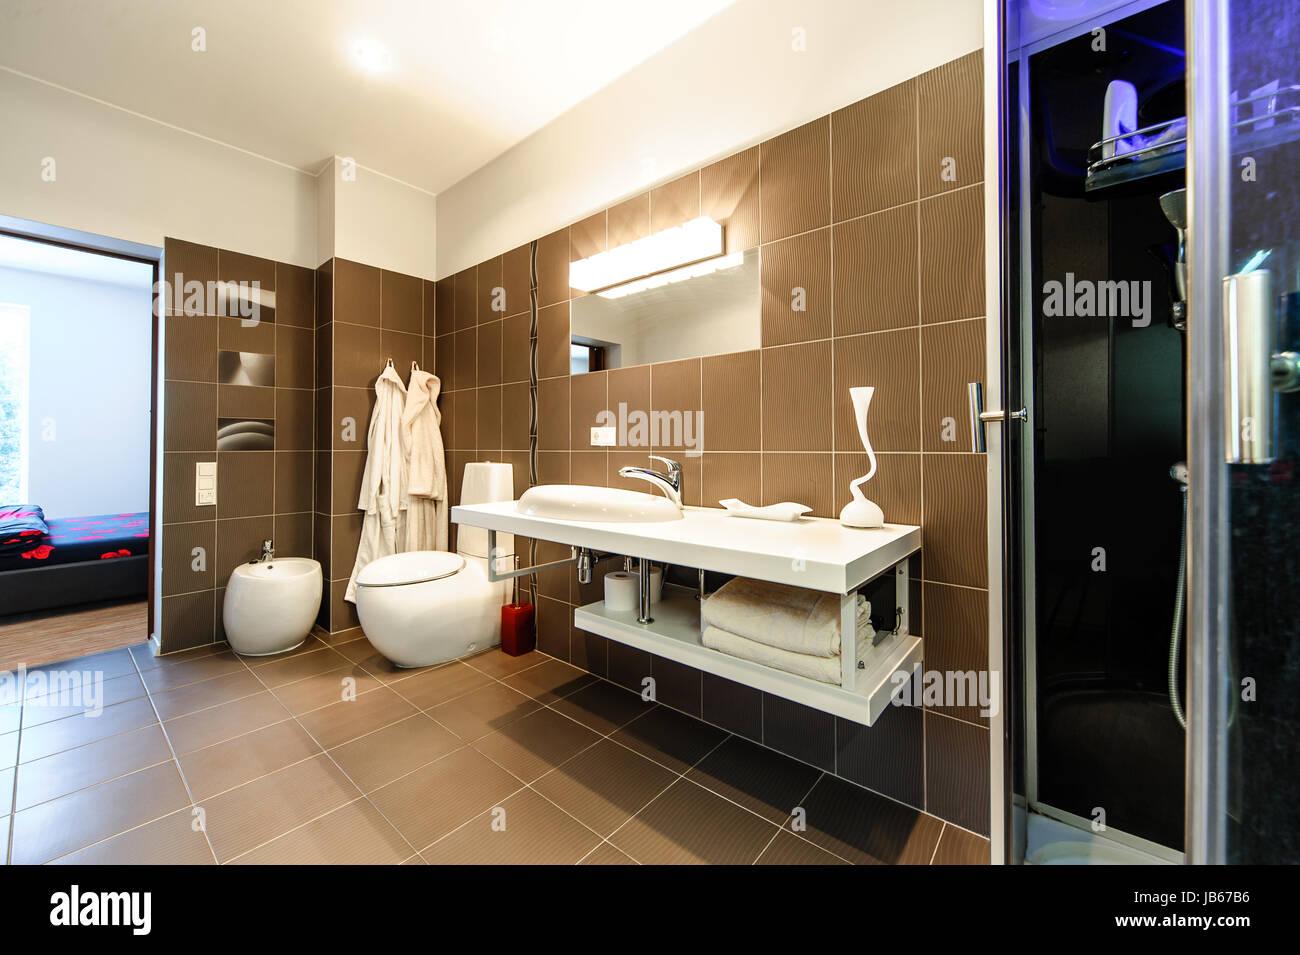 Modernes Badezimmer Luxus Interieur